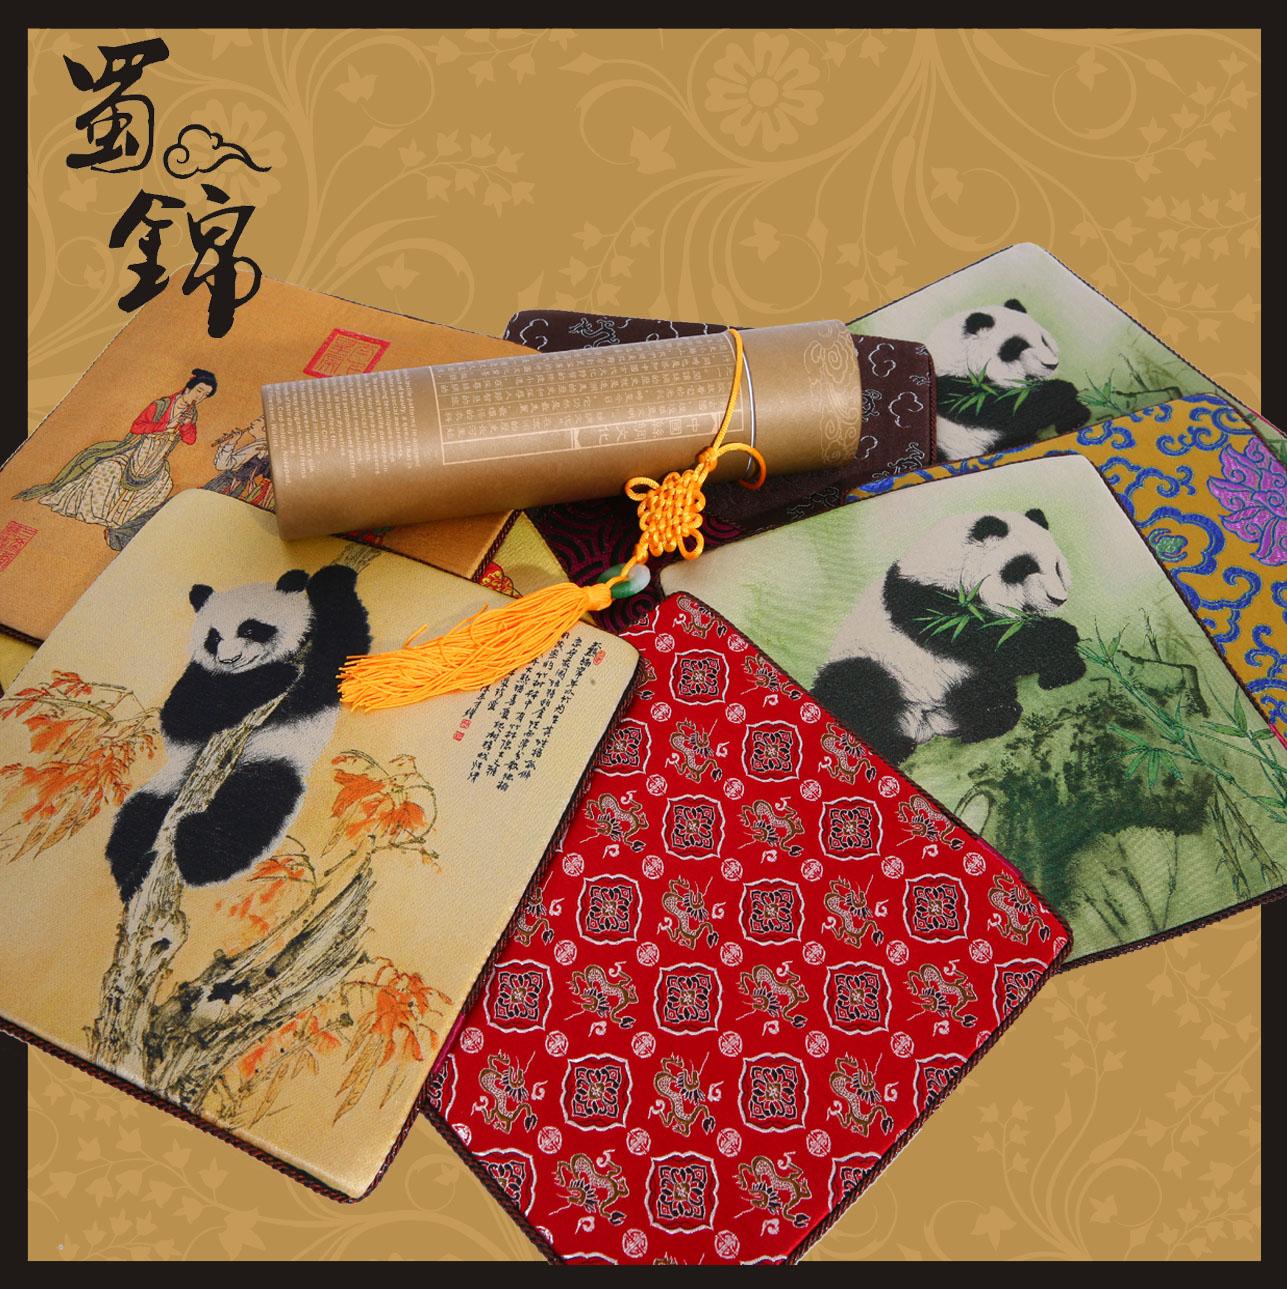 成都蜀绣厂_成都特色礼品公司产品详情-蜀锦鼠标垫图片